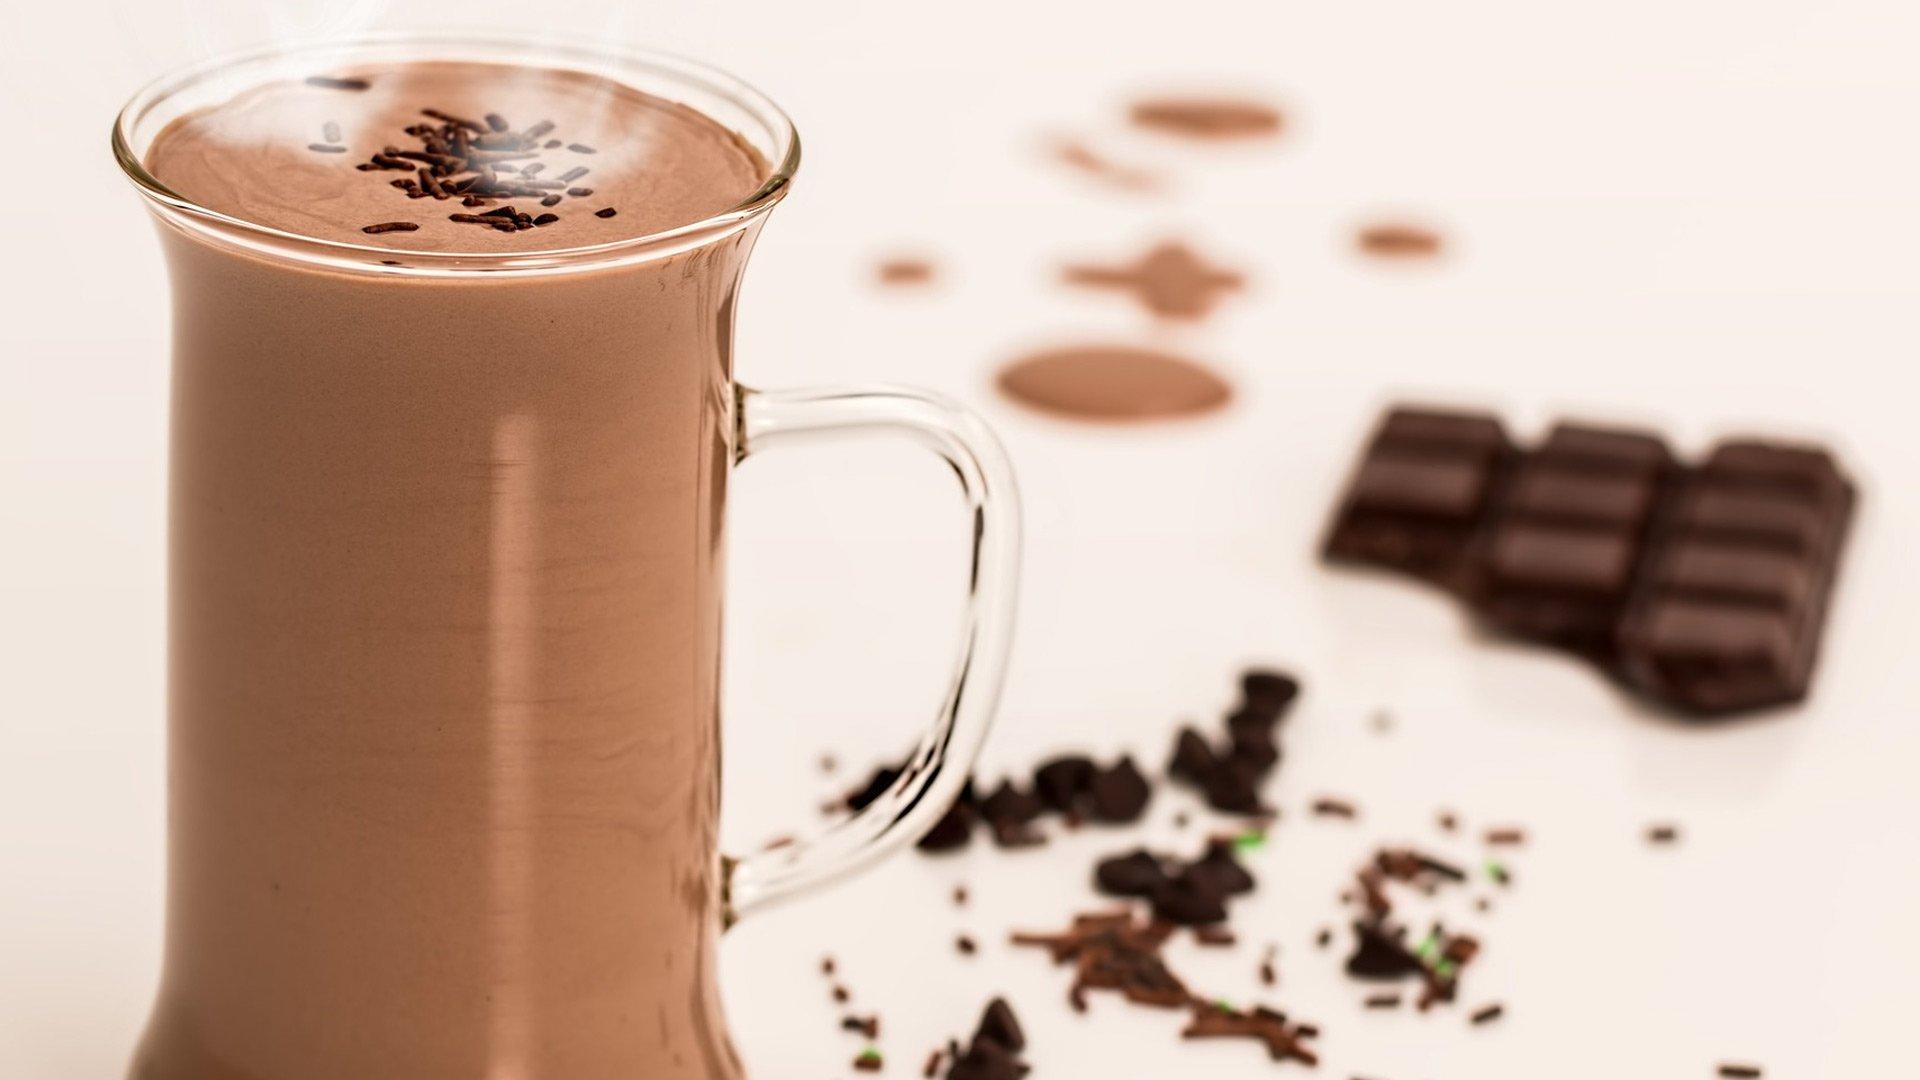 chocolademelk-drinken